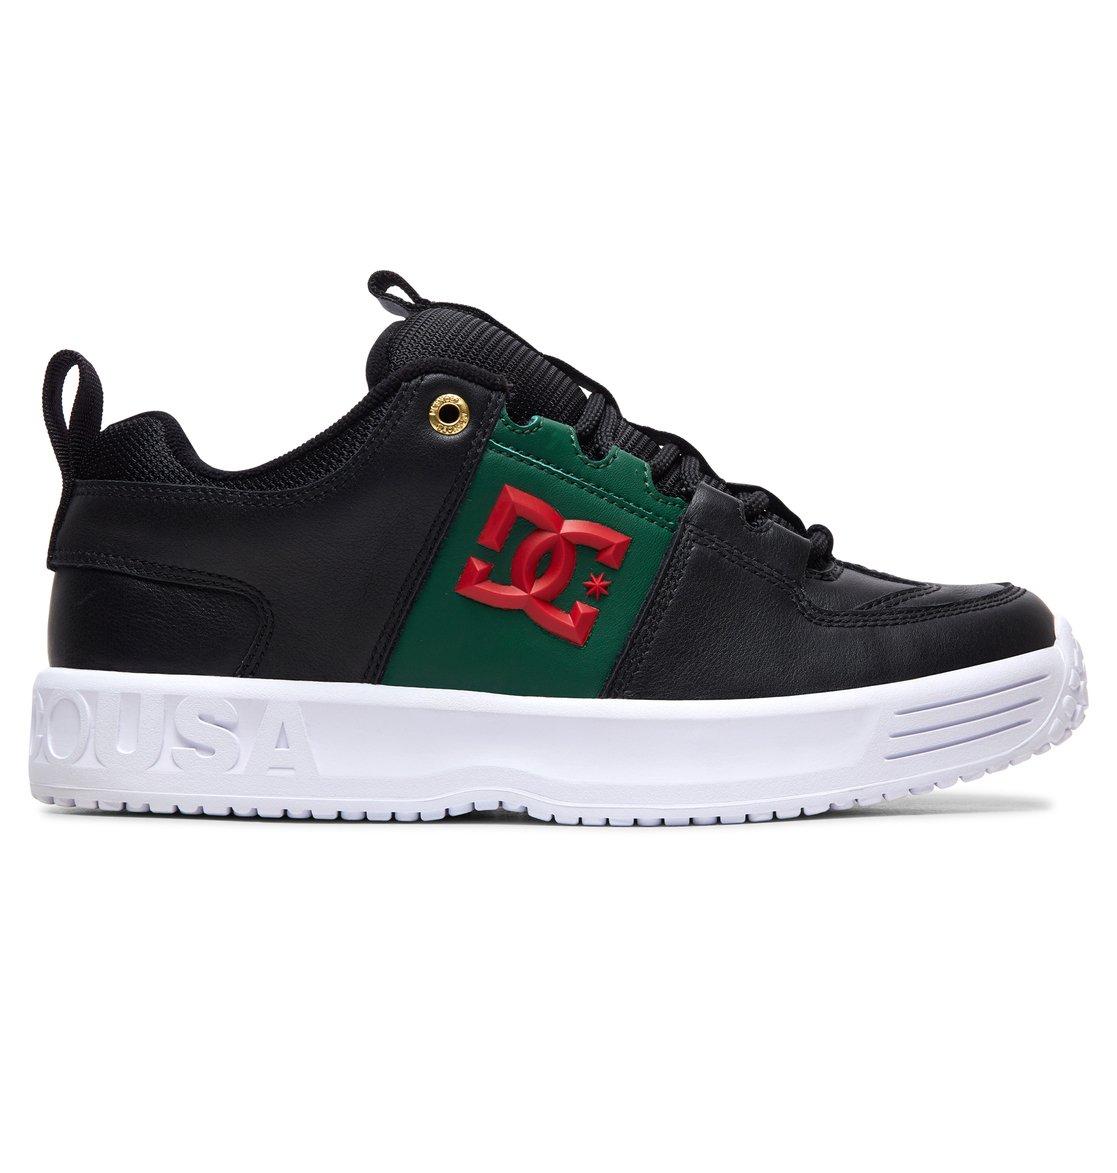 38e23c7d06 0 LYNX OG LUX ADYS100425 DC Shoes